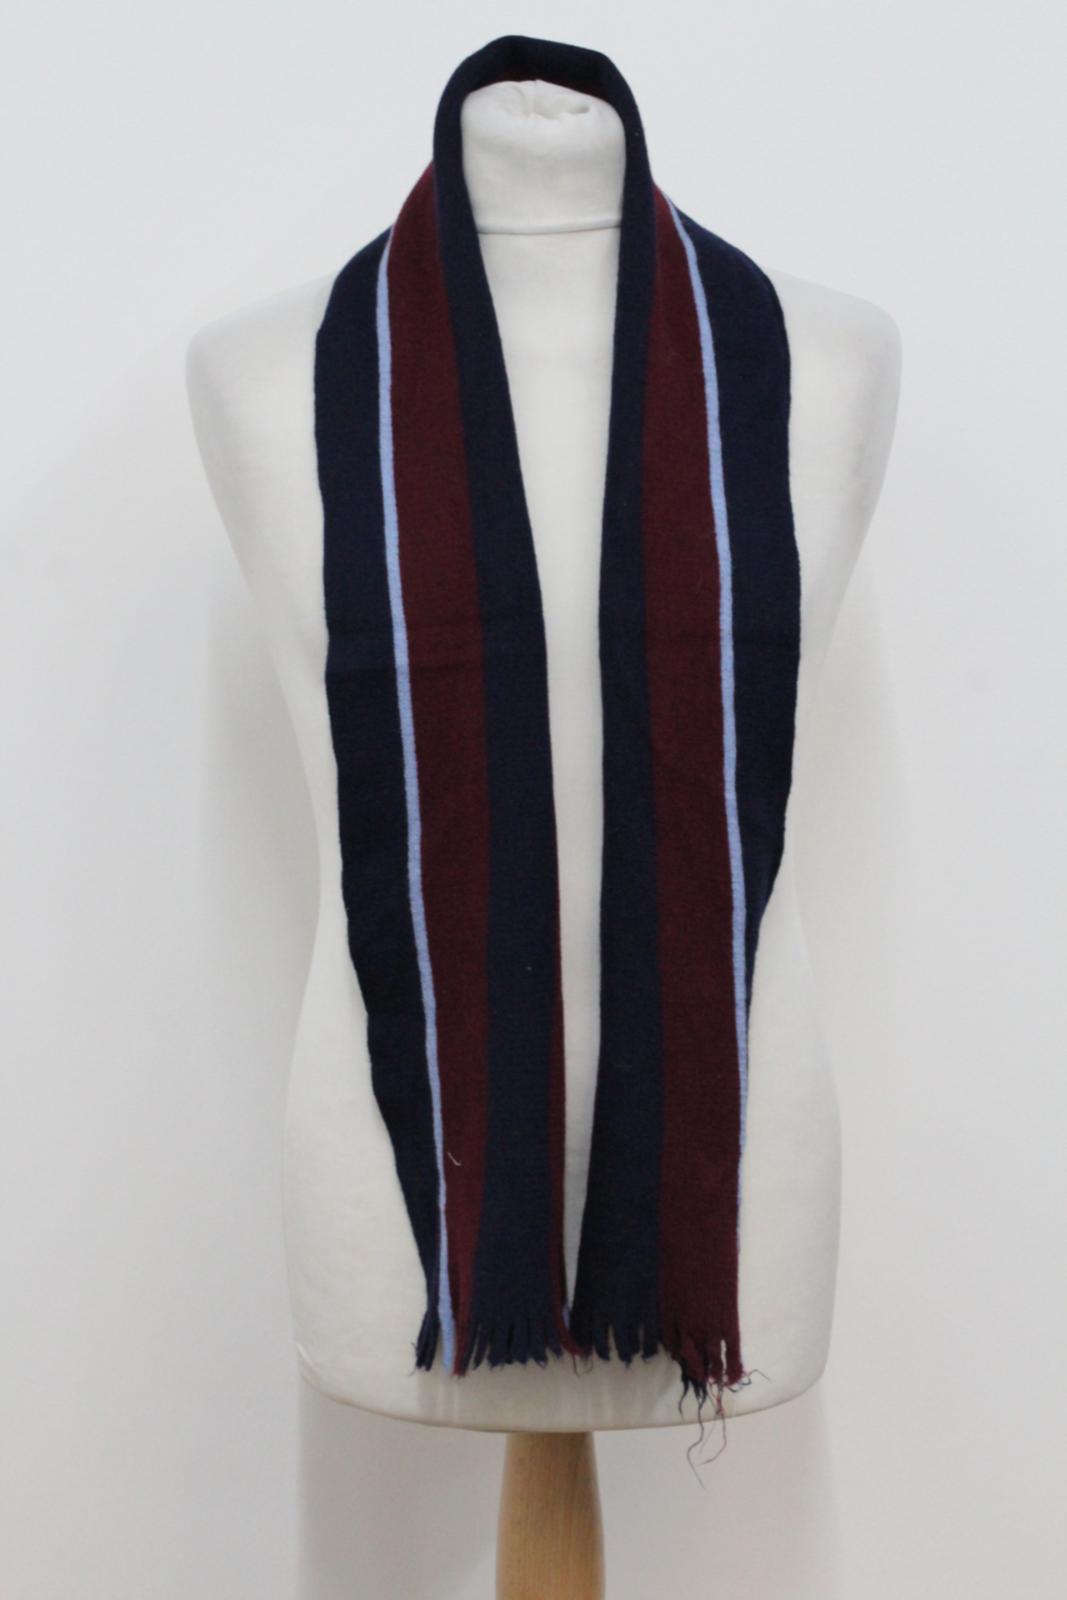 Hilltop-Homme-Bleu-amp-Rouge-Laine-depouille-rectangulaire-Tricot-echarpe-152-cm-x-20-cm miniature 2